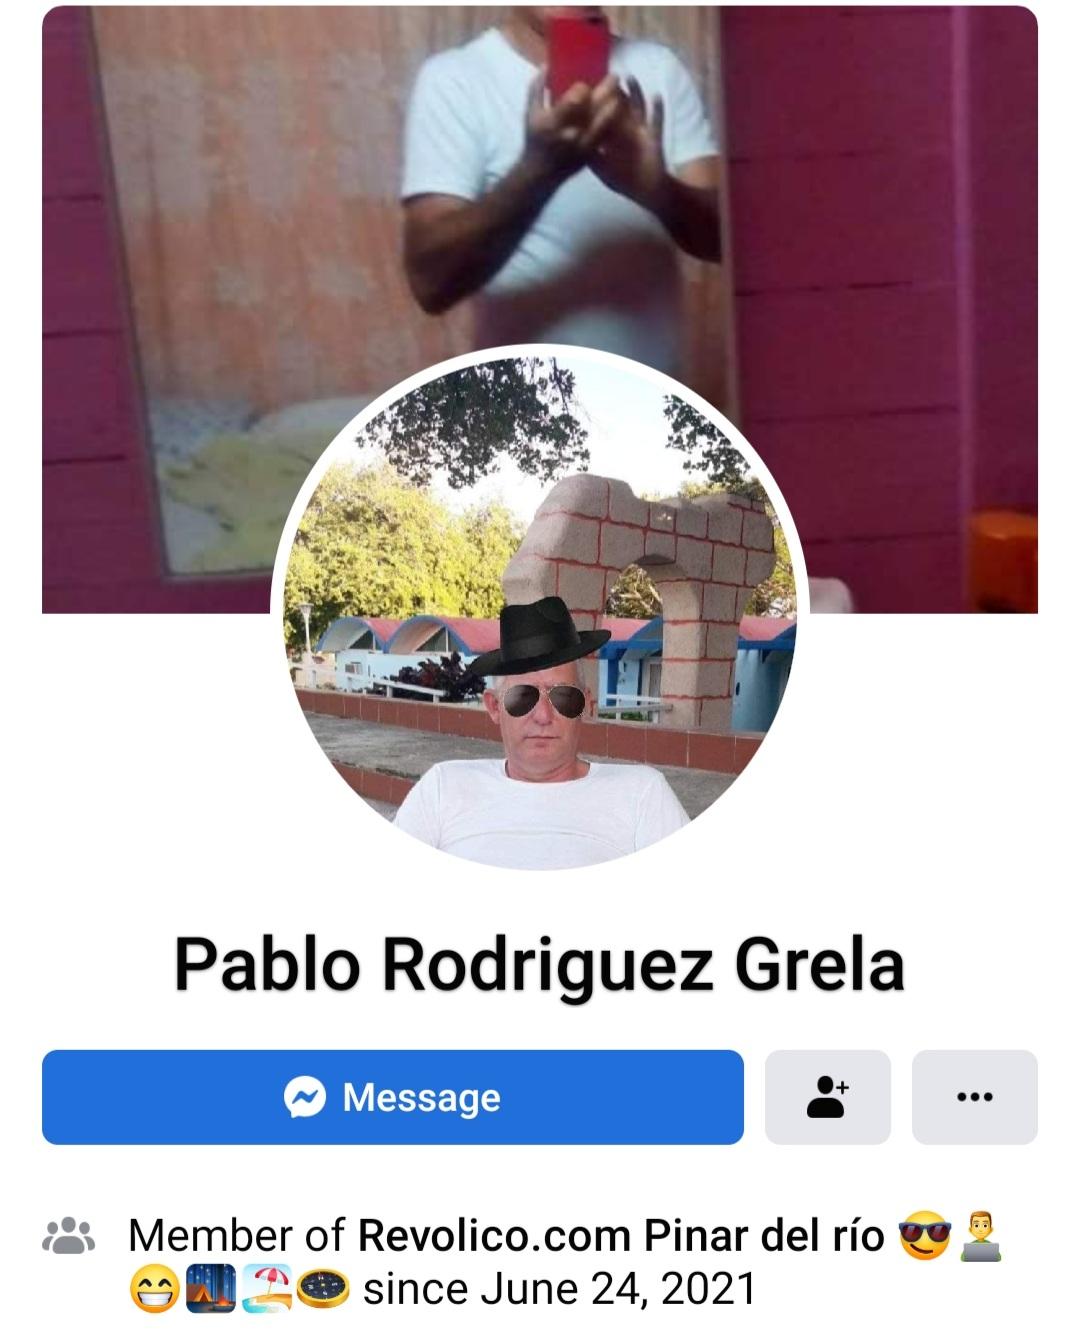 Pablo Rodriguez Grela